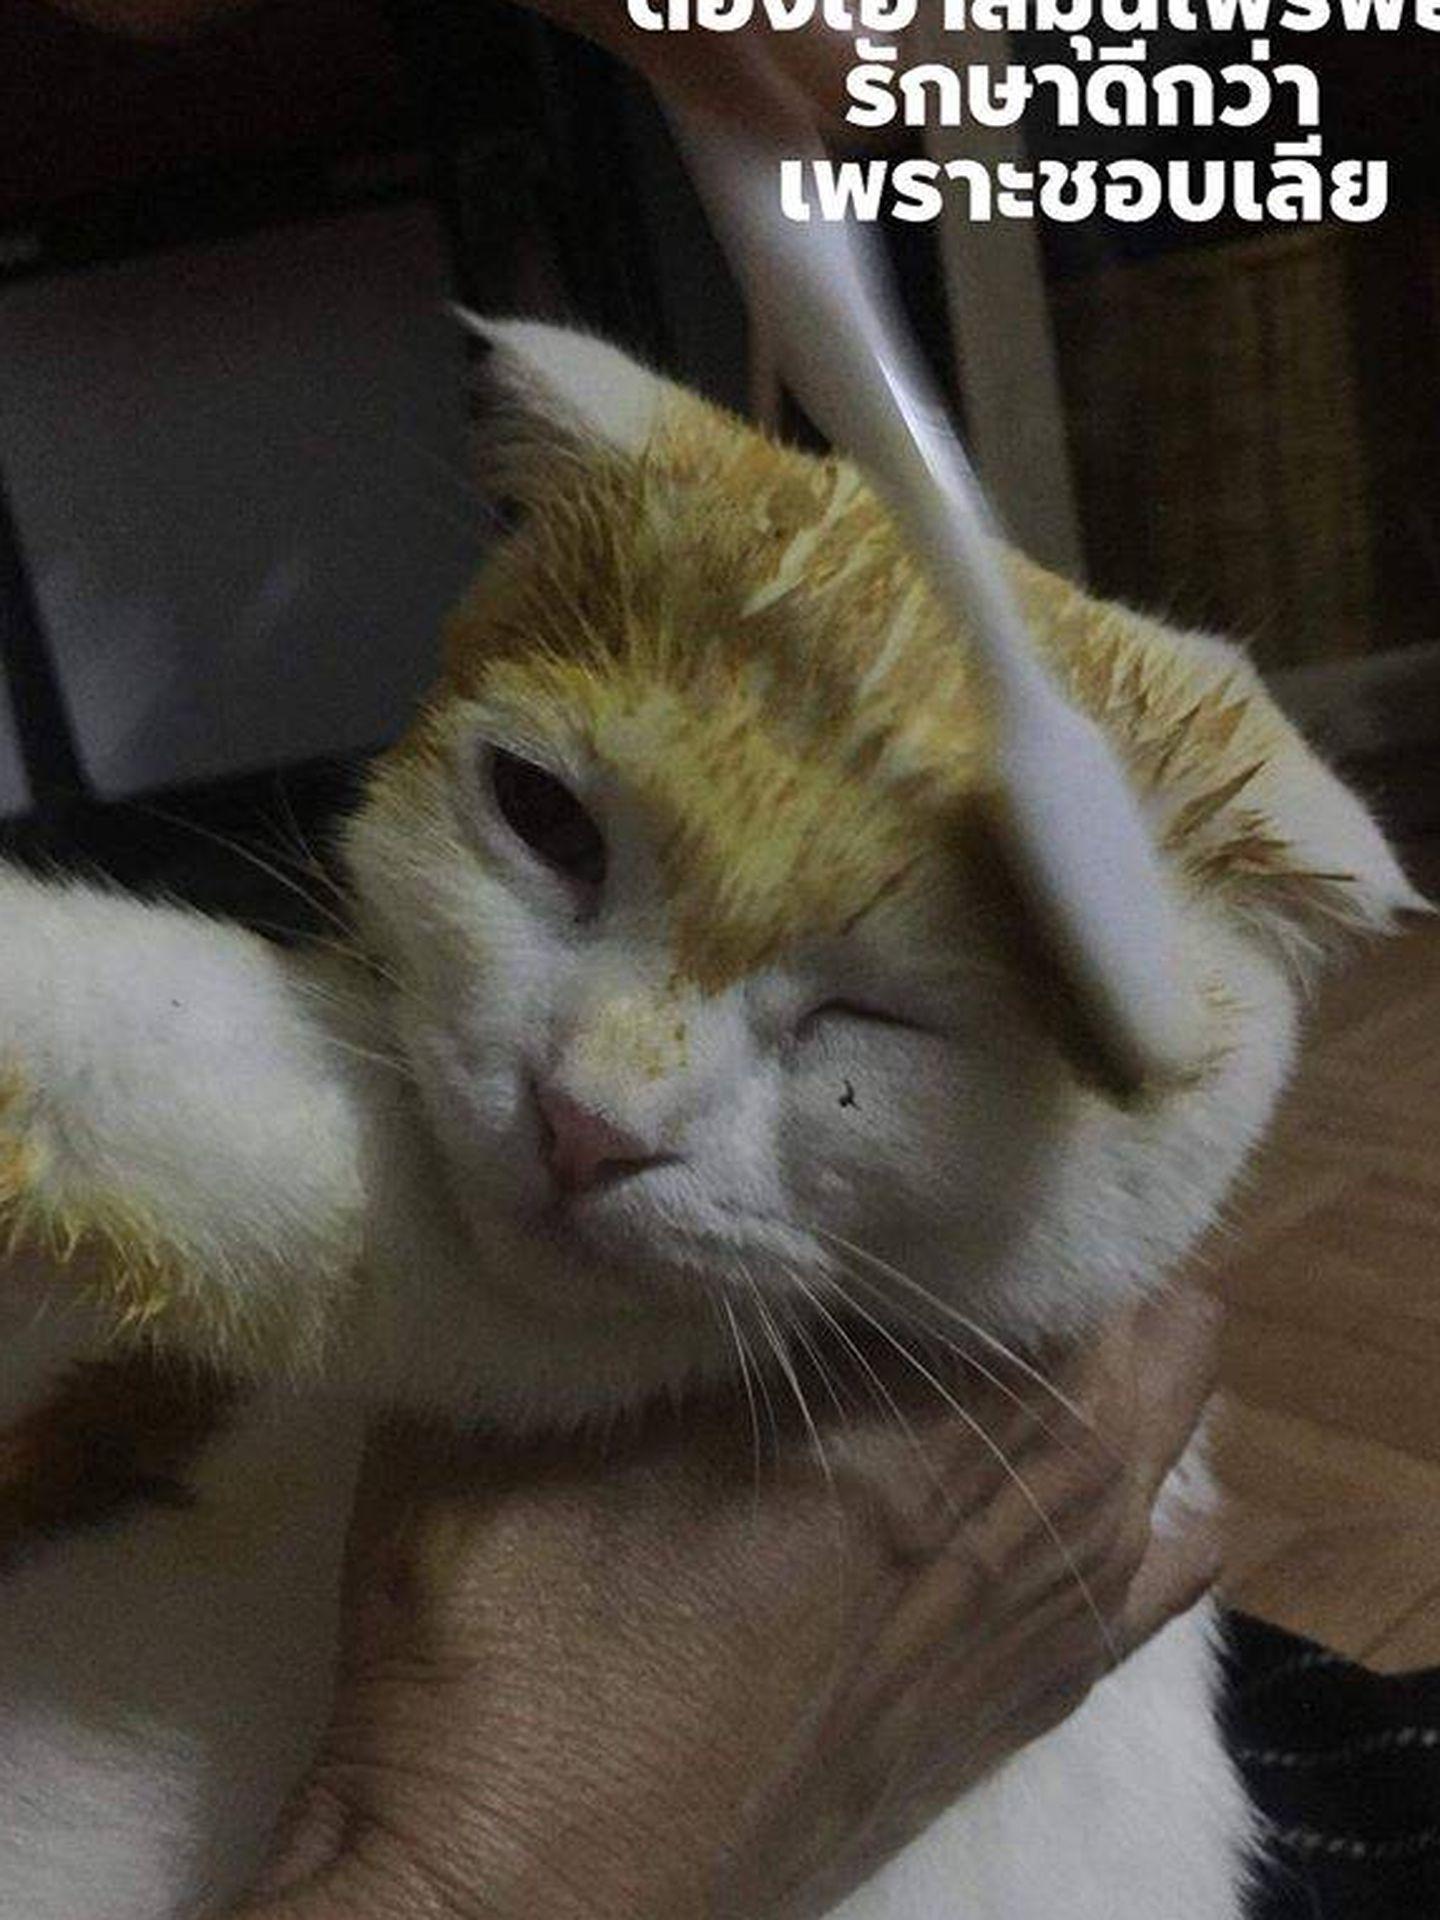 El gato, mientras que recibía la pasta sanadora que le volvió amarillo. Fuente: Reddit